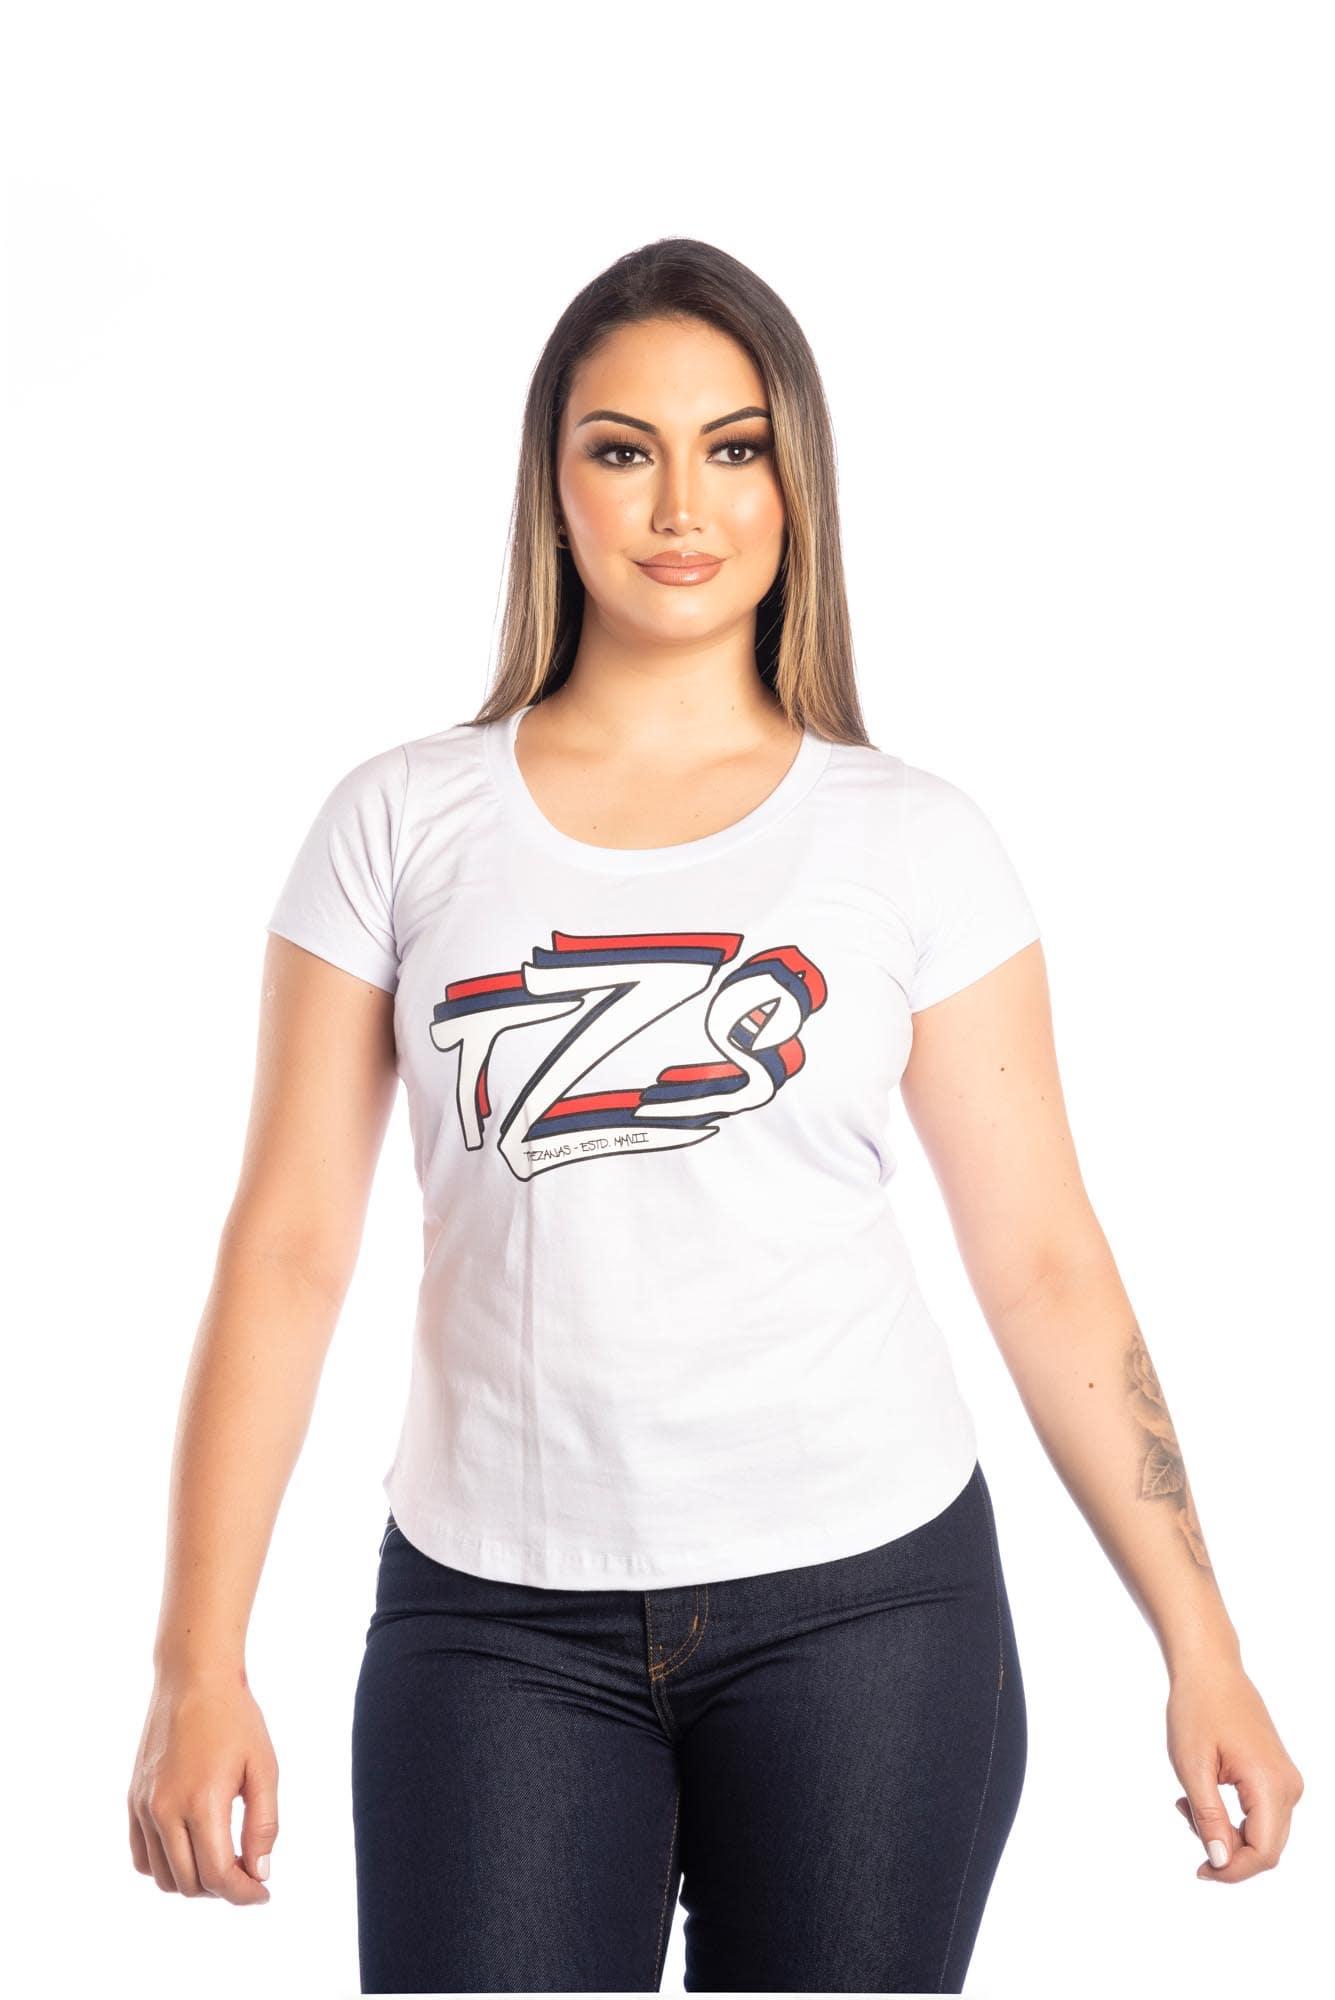 T-SHIRT TZS